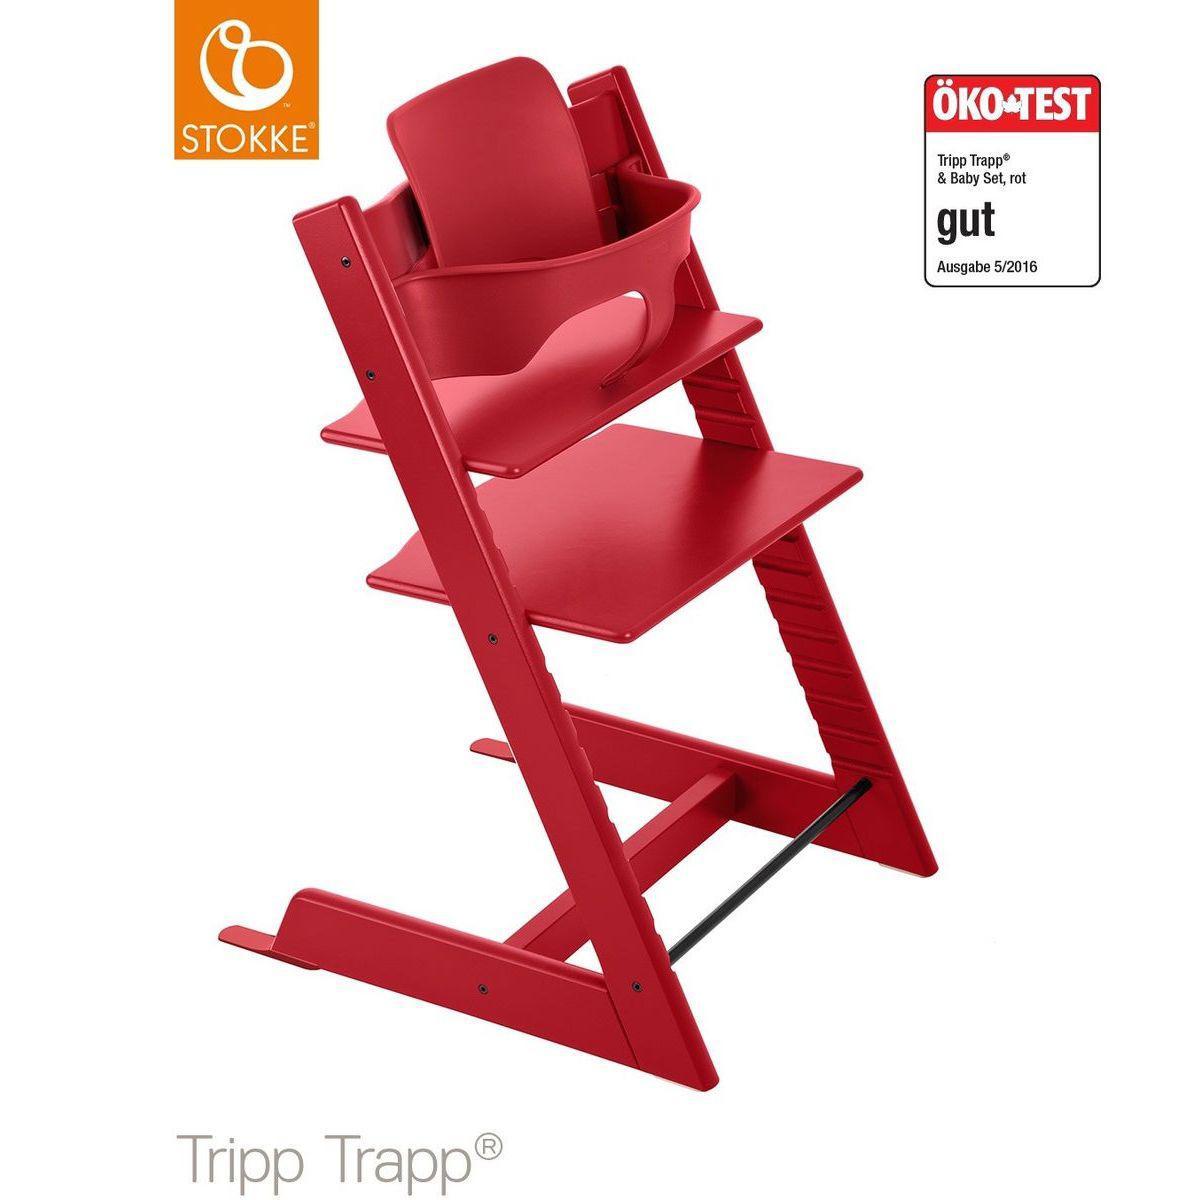 Hochstuhl  TRIPP TRAPP Stokke red